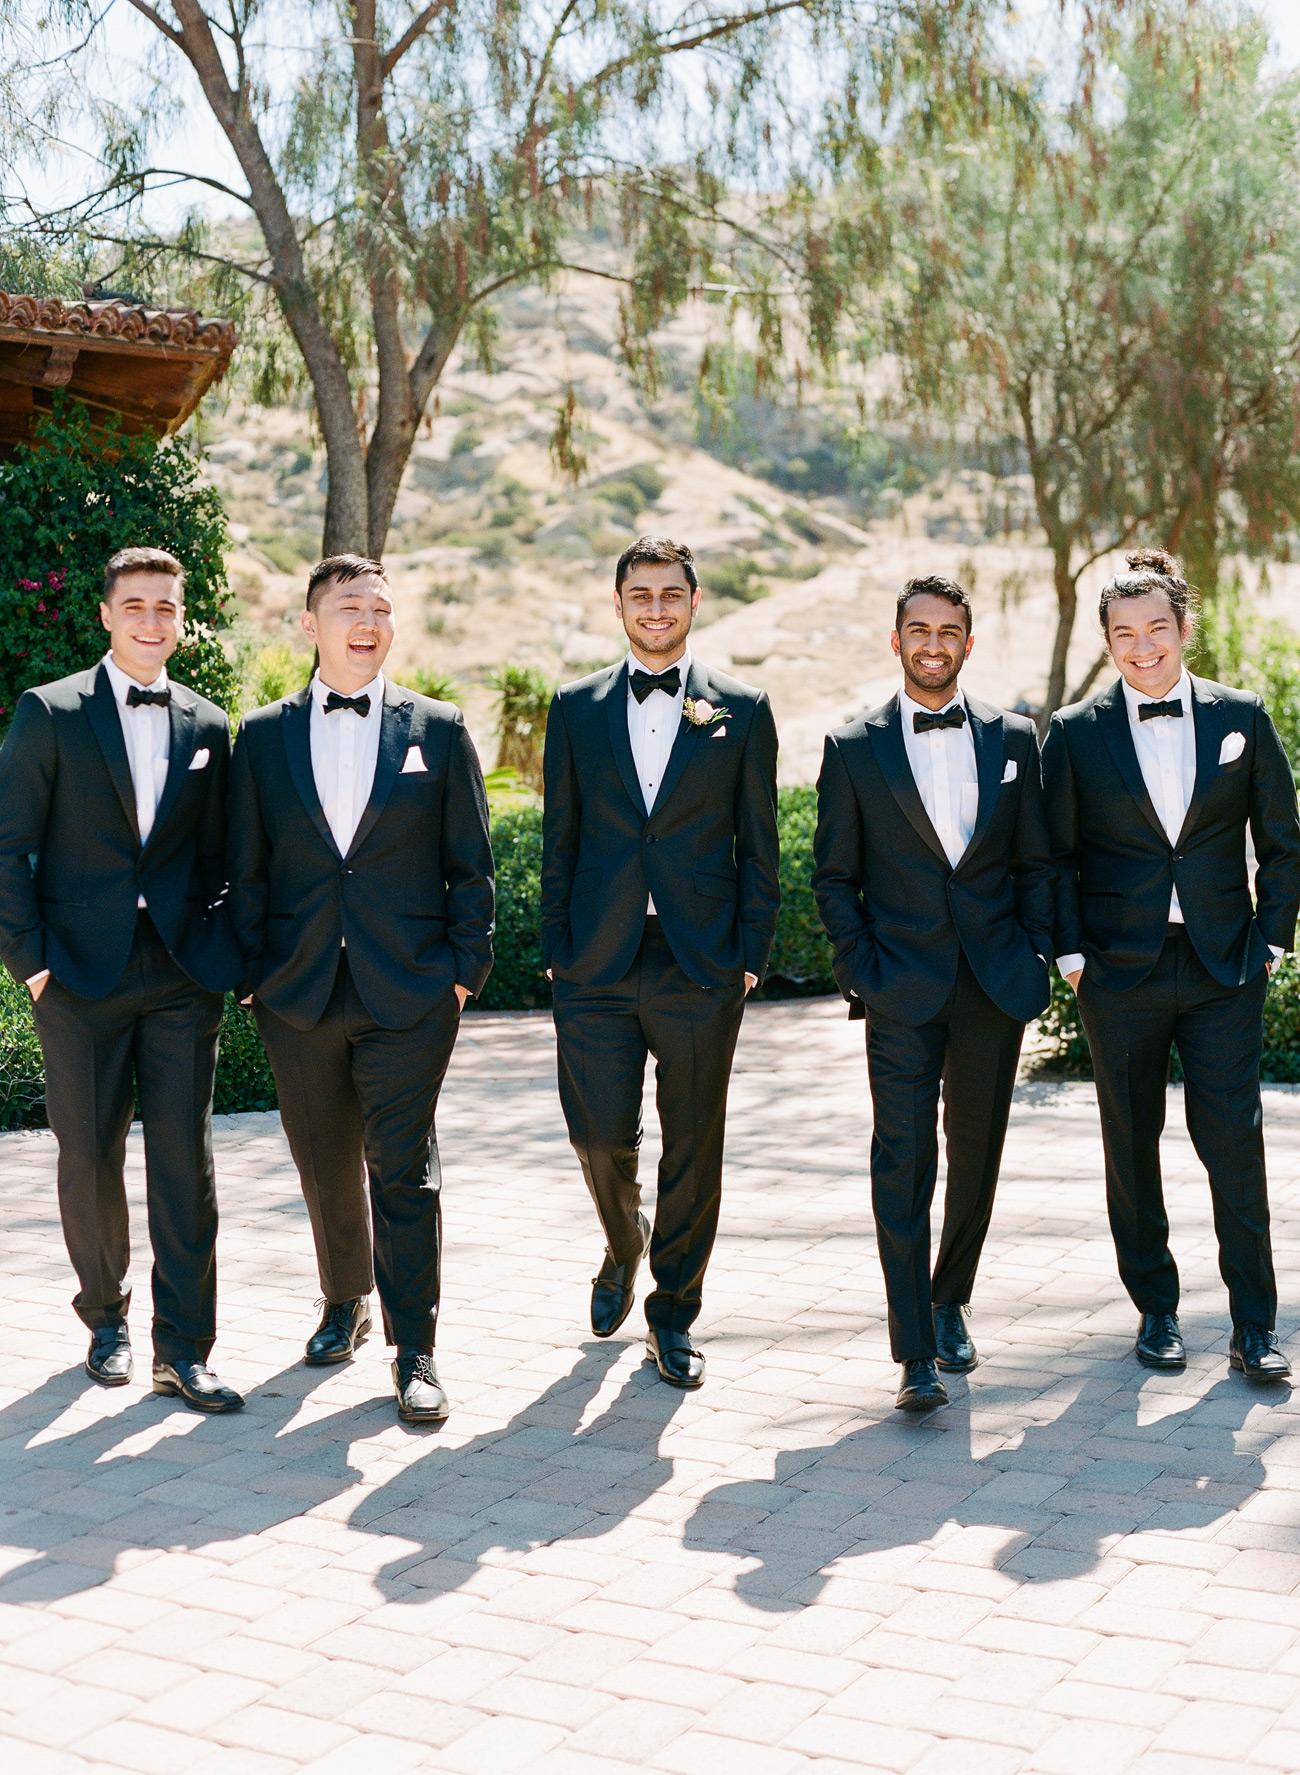 Aneesh with groomsmen